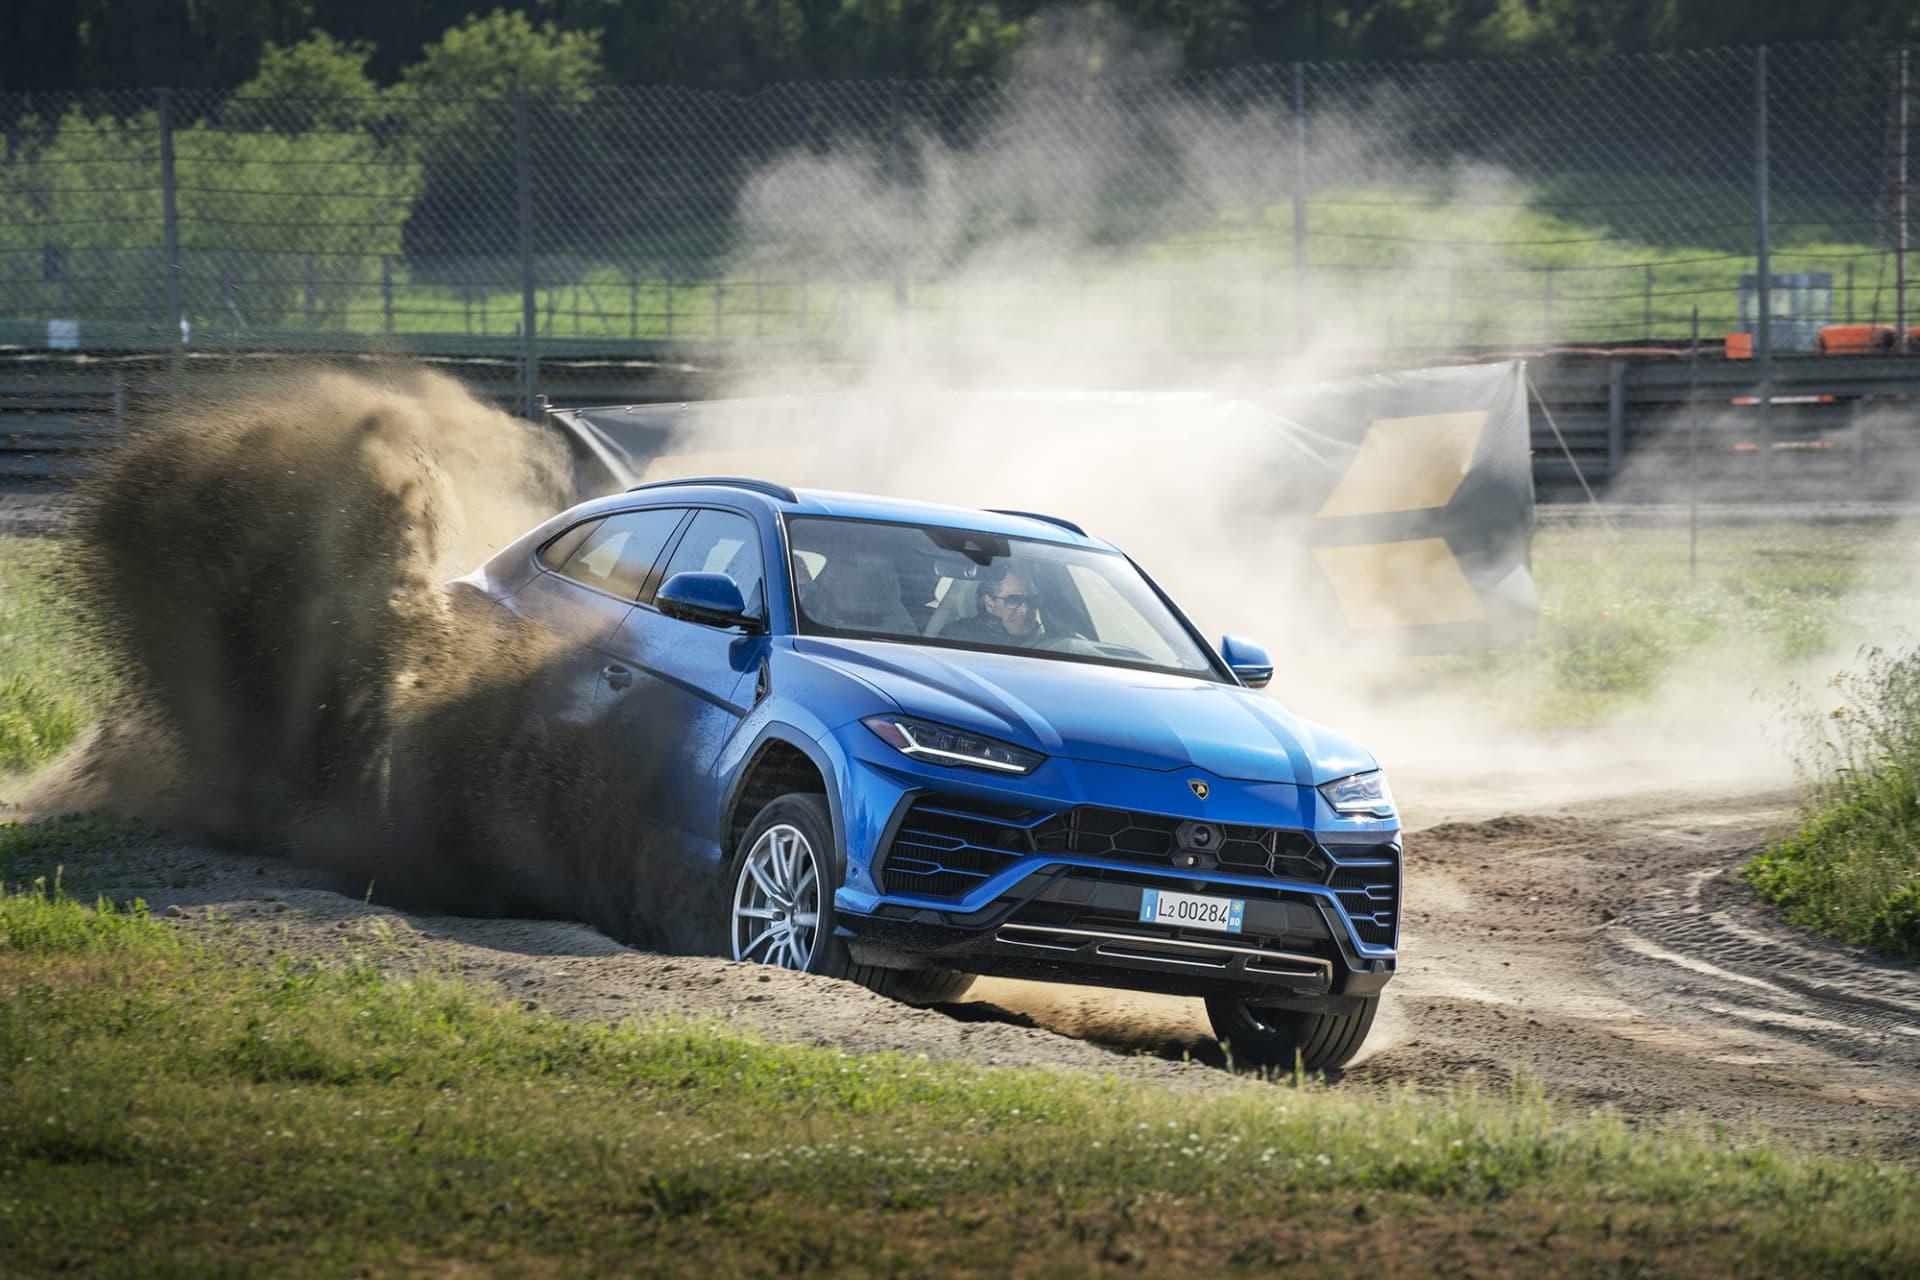 Att sprätta damm och grus med en Lamborghini för över två miljoner kronor hör inte till vanligheterna.